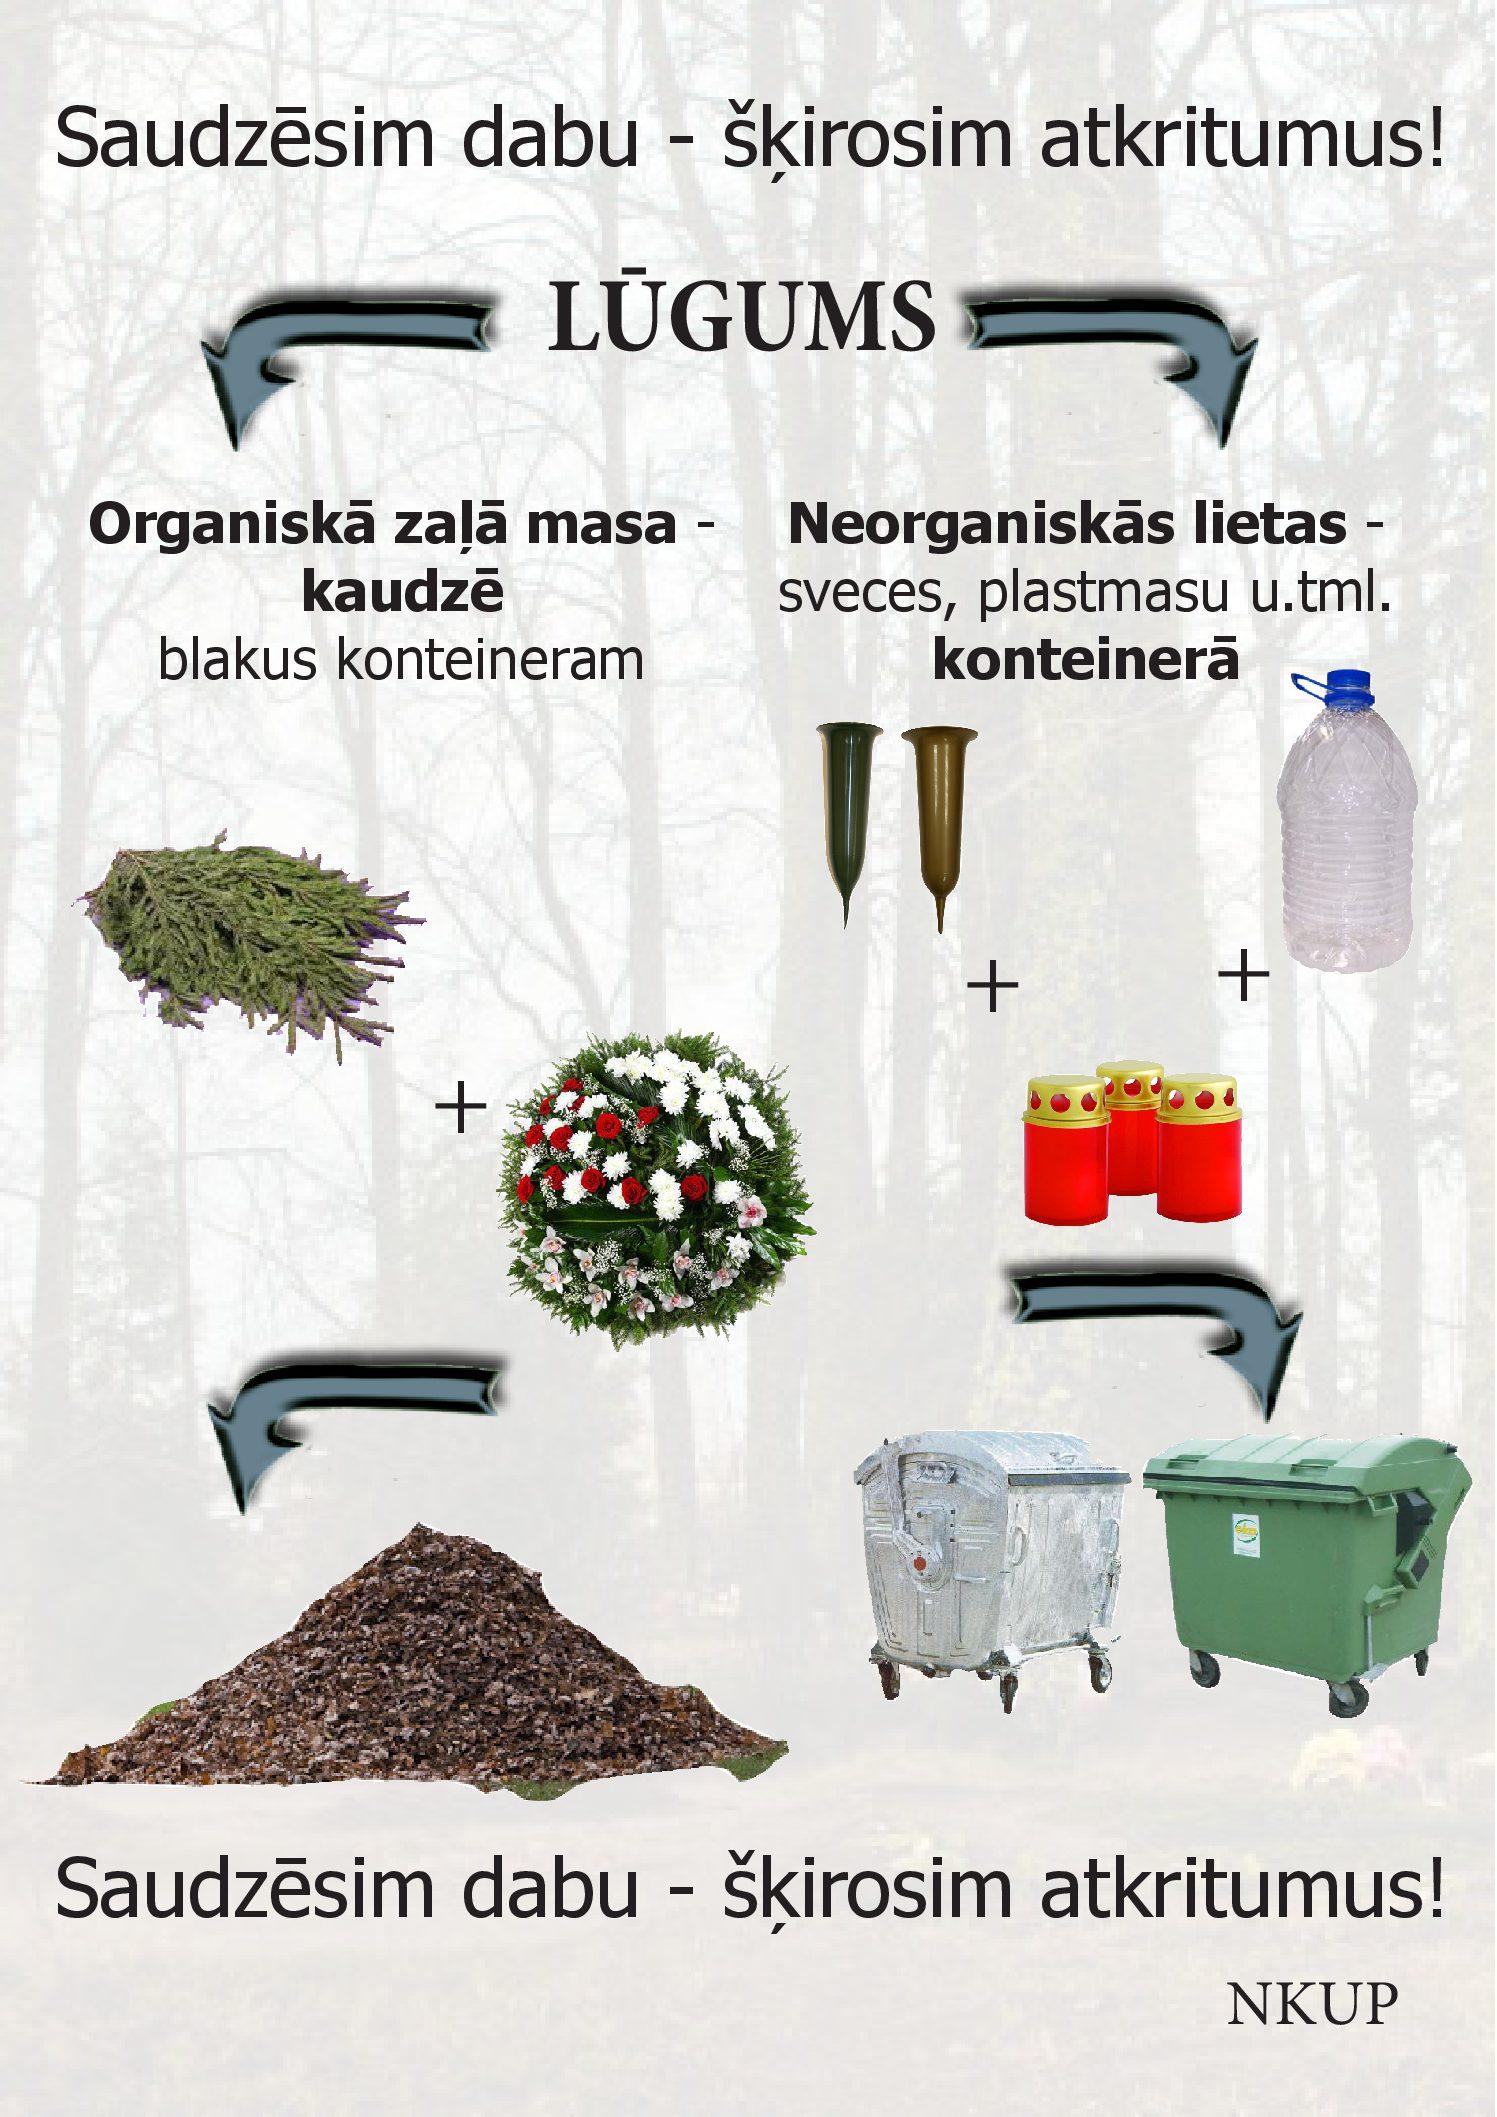 Par atkritumiem kapos